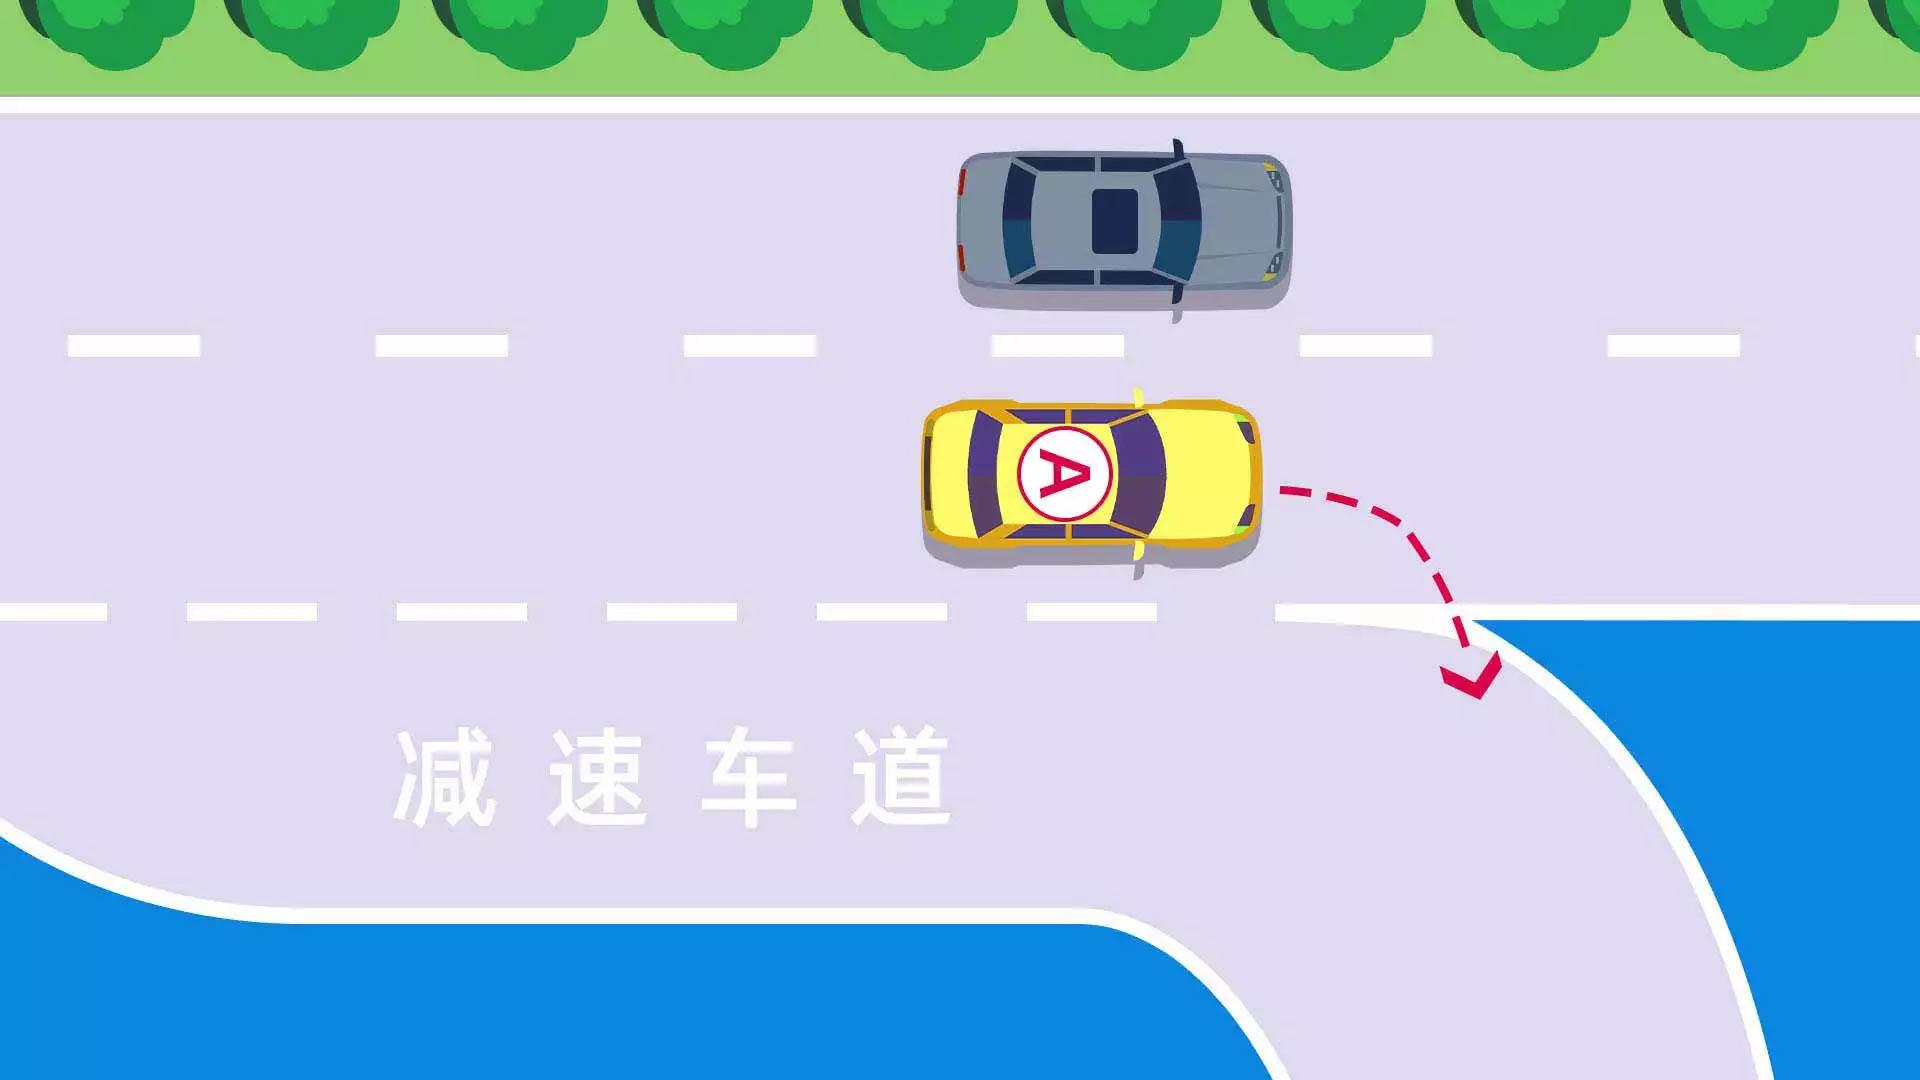 如图所示,A车的行为是正确的。